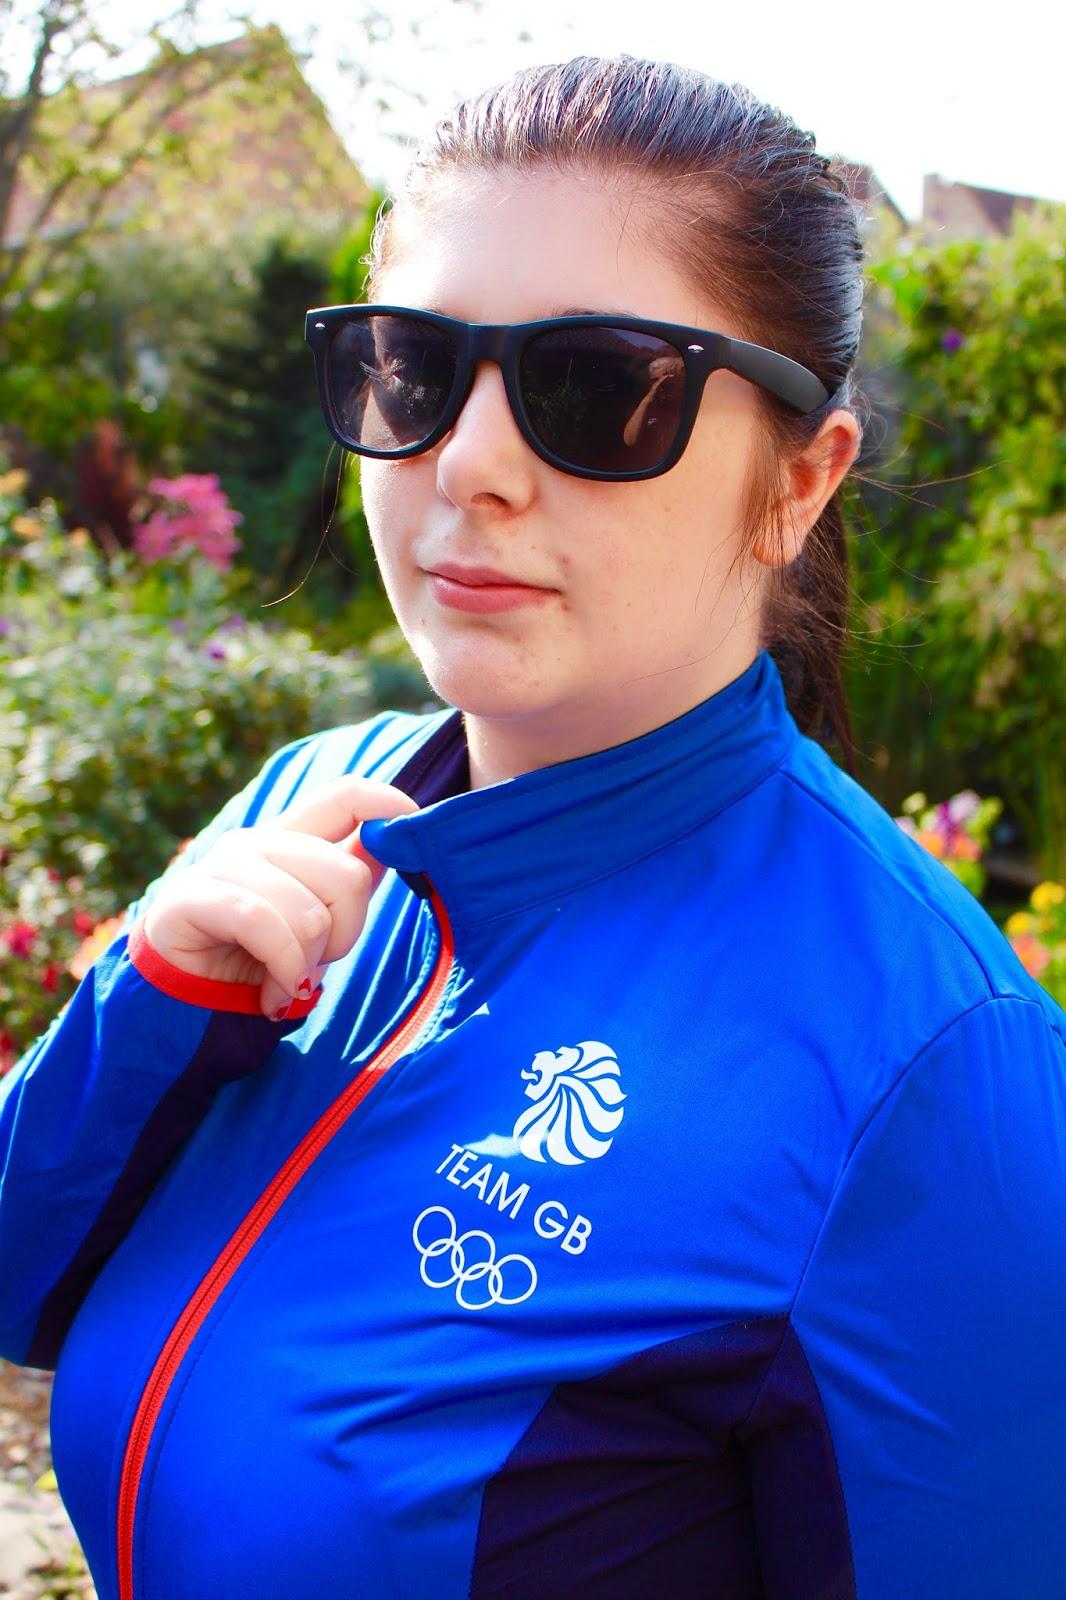 team gb aldi cycling jacket size 18